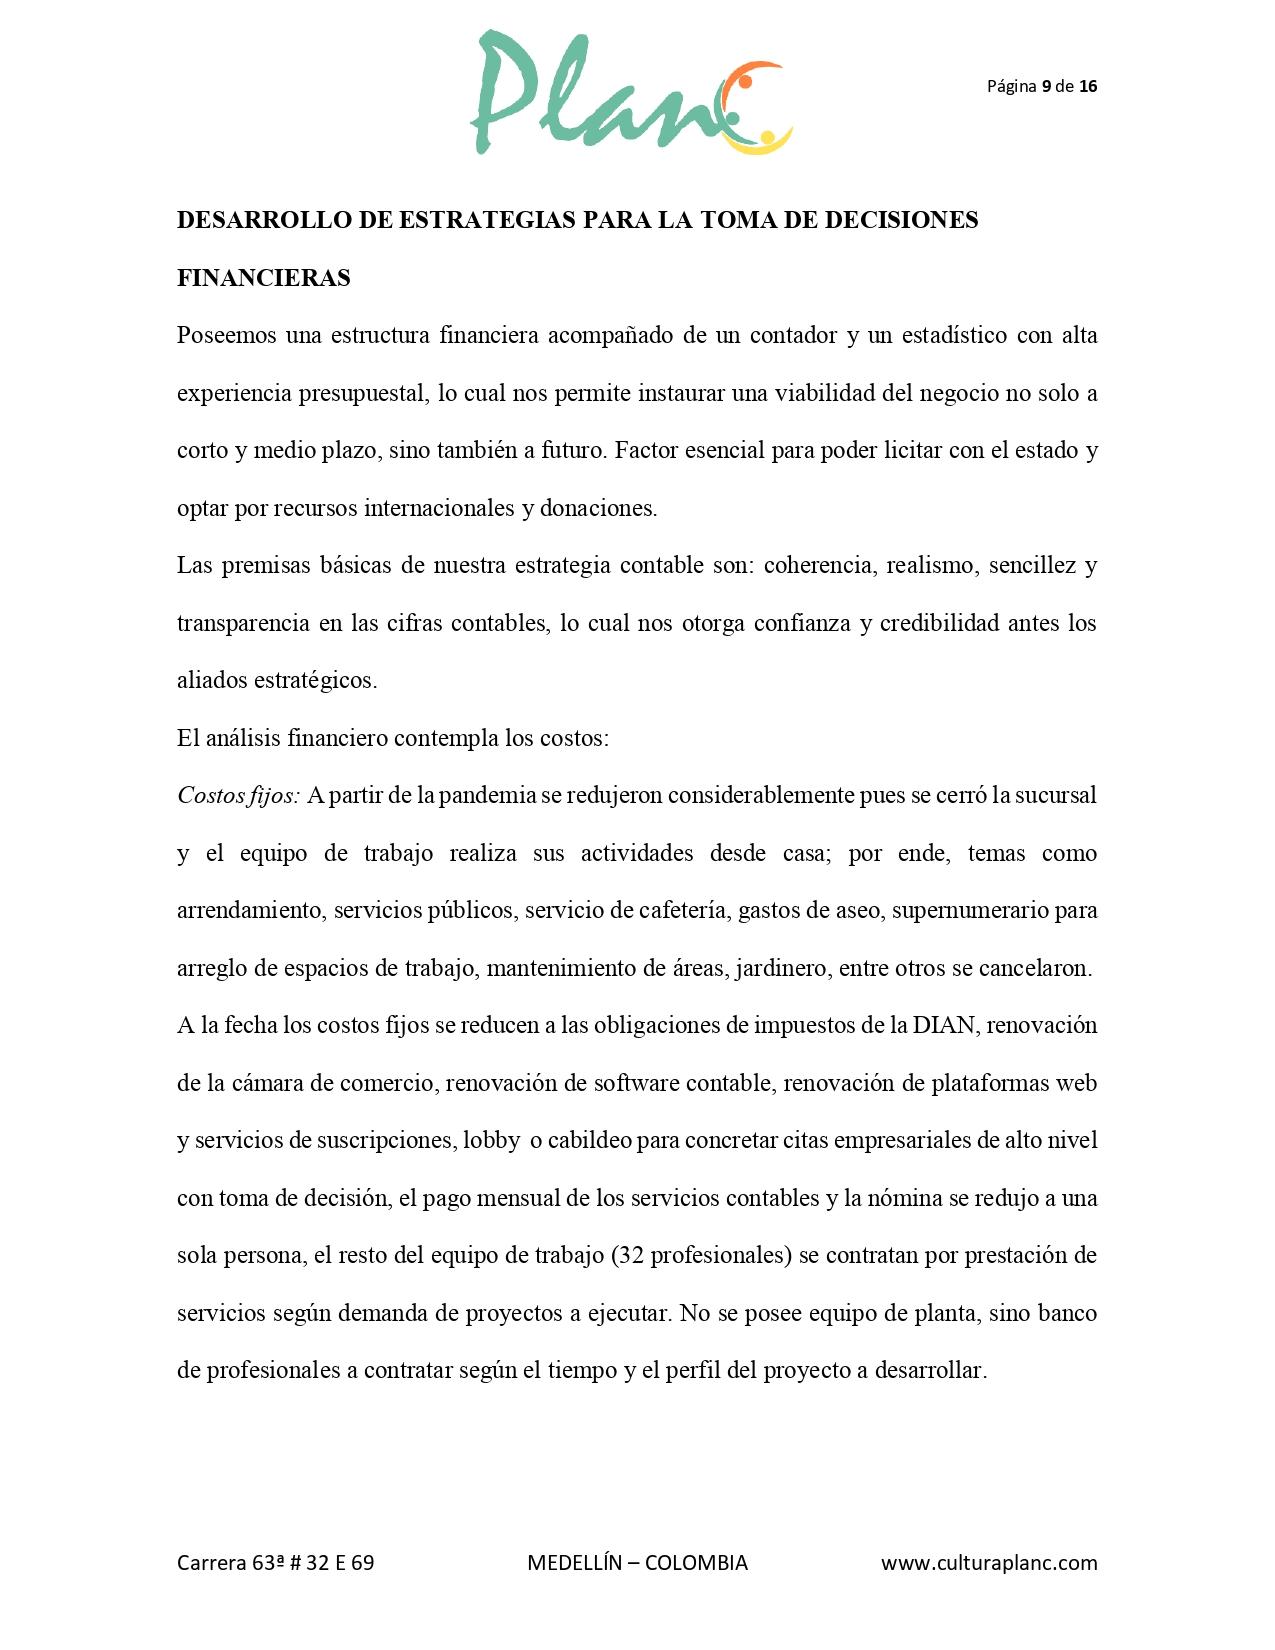 Informe de Gestión Global (1)-páginas-9